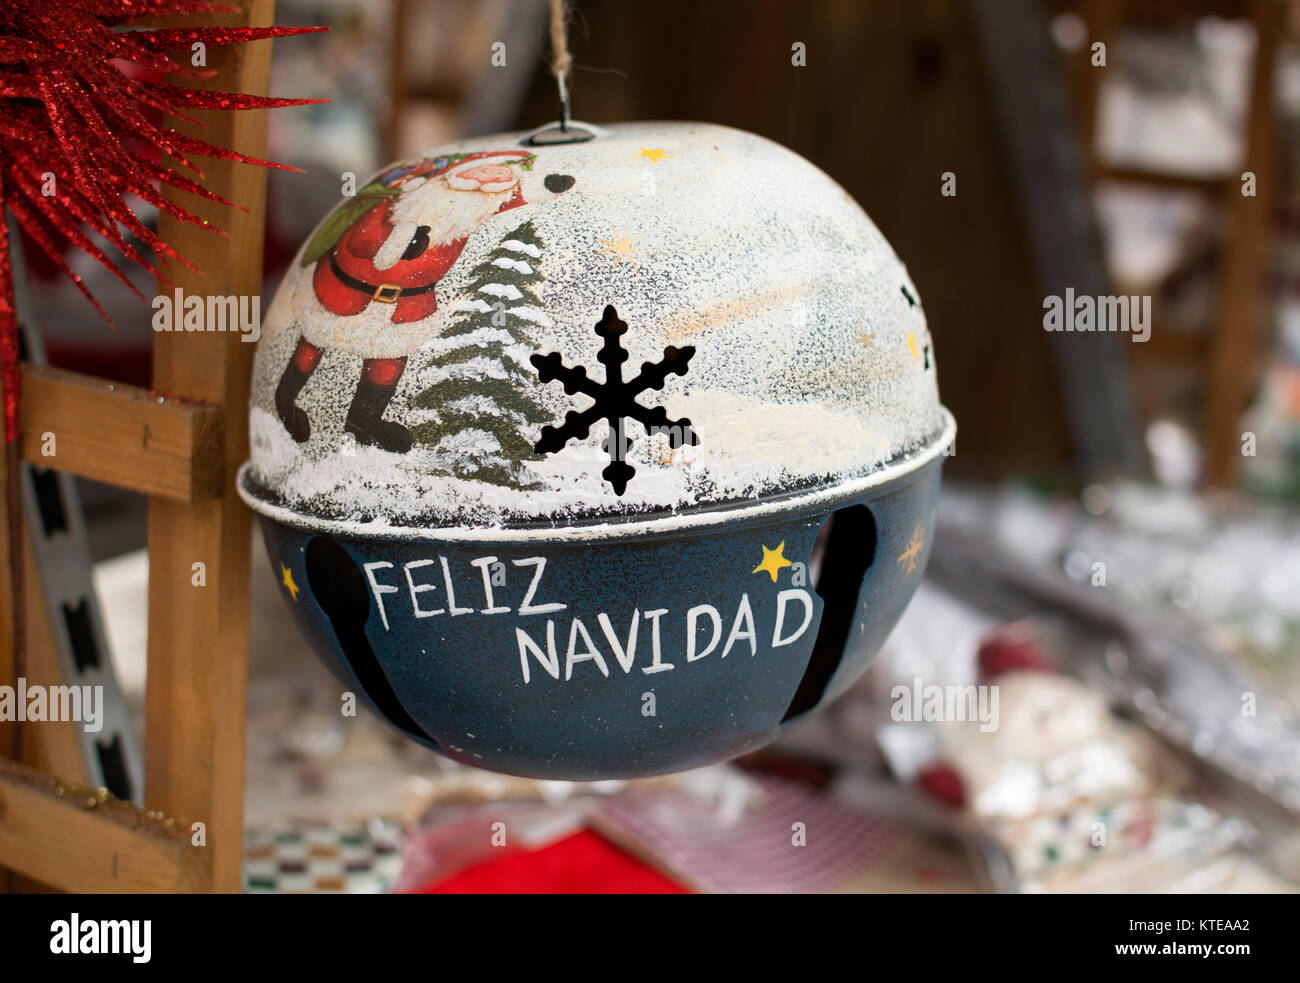 """""""Feliz Navidad"""" decoración navideña, Lanzarote, Islas Canarias, España. Imagen De Stock"""